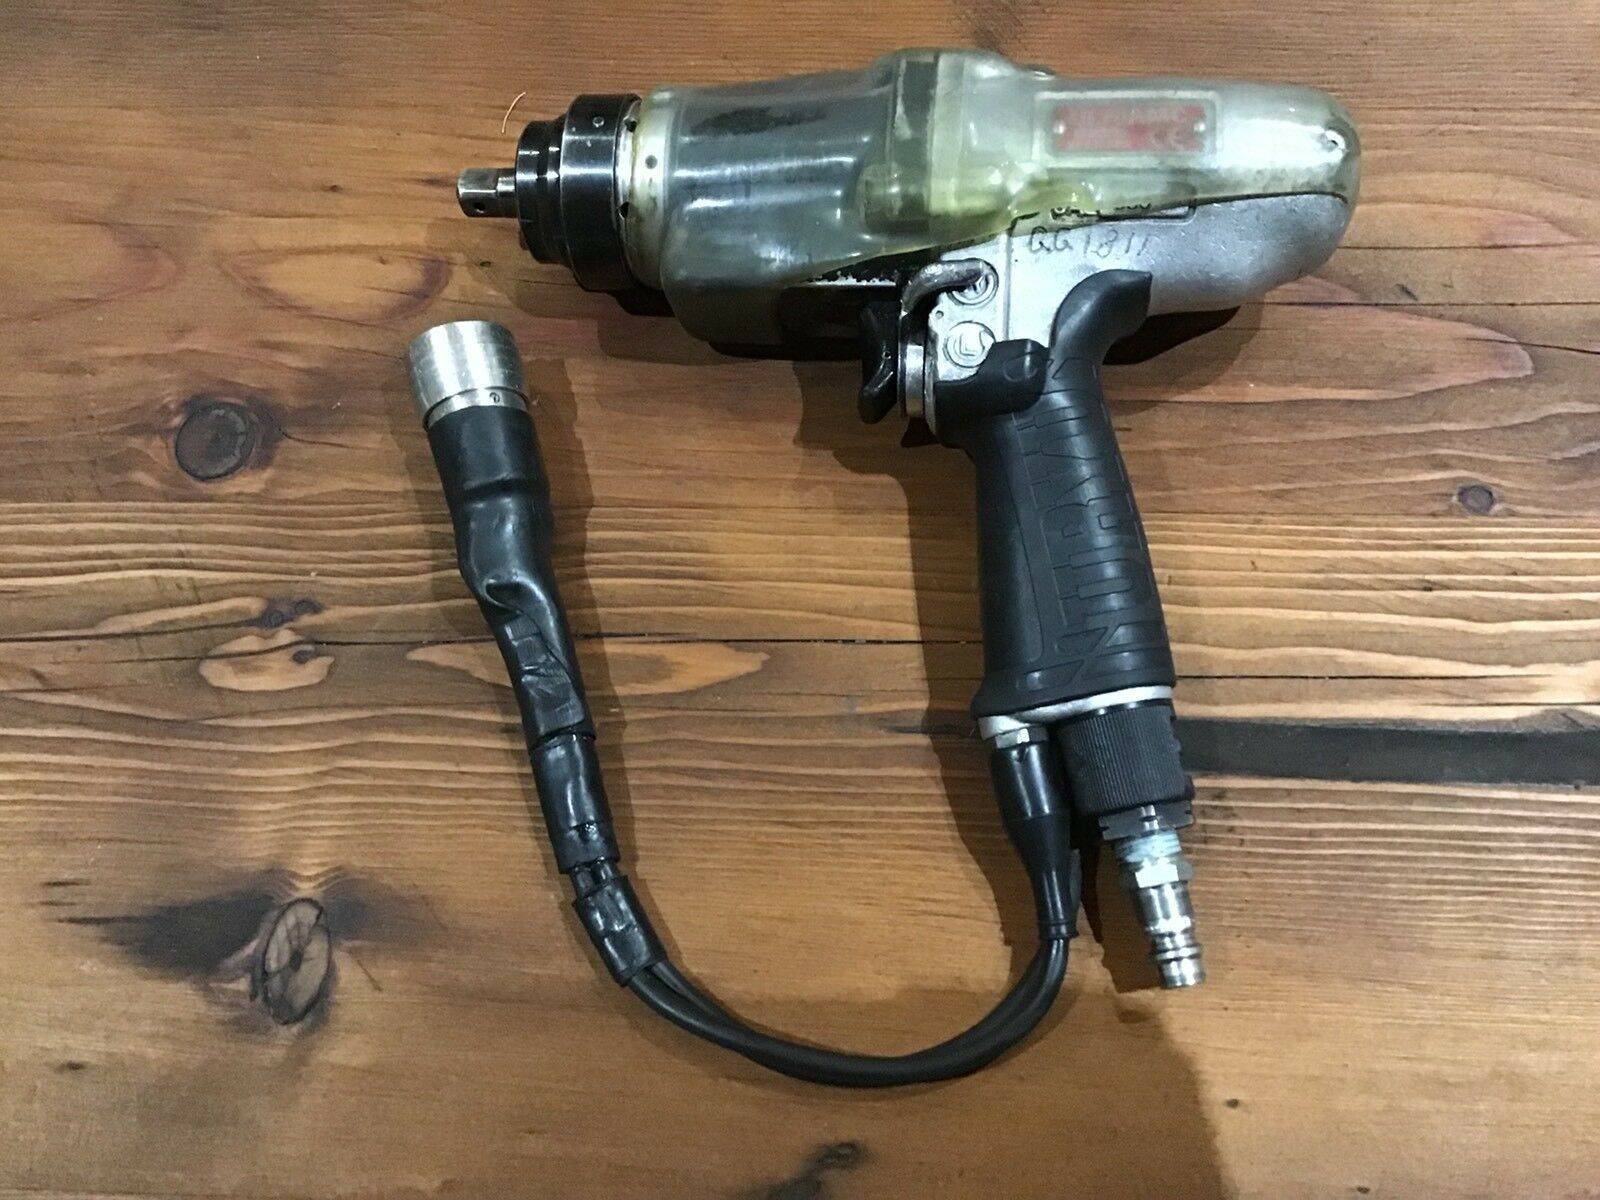 Uryu UL70AMC, 3/8 Drive, Control Pulse Tool / Pneumatic / Air, made in Japan